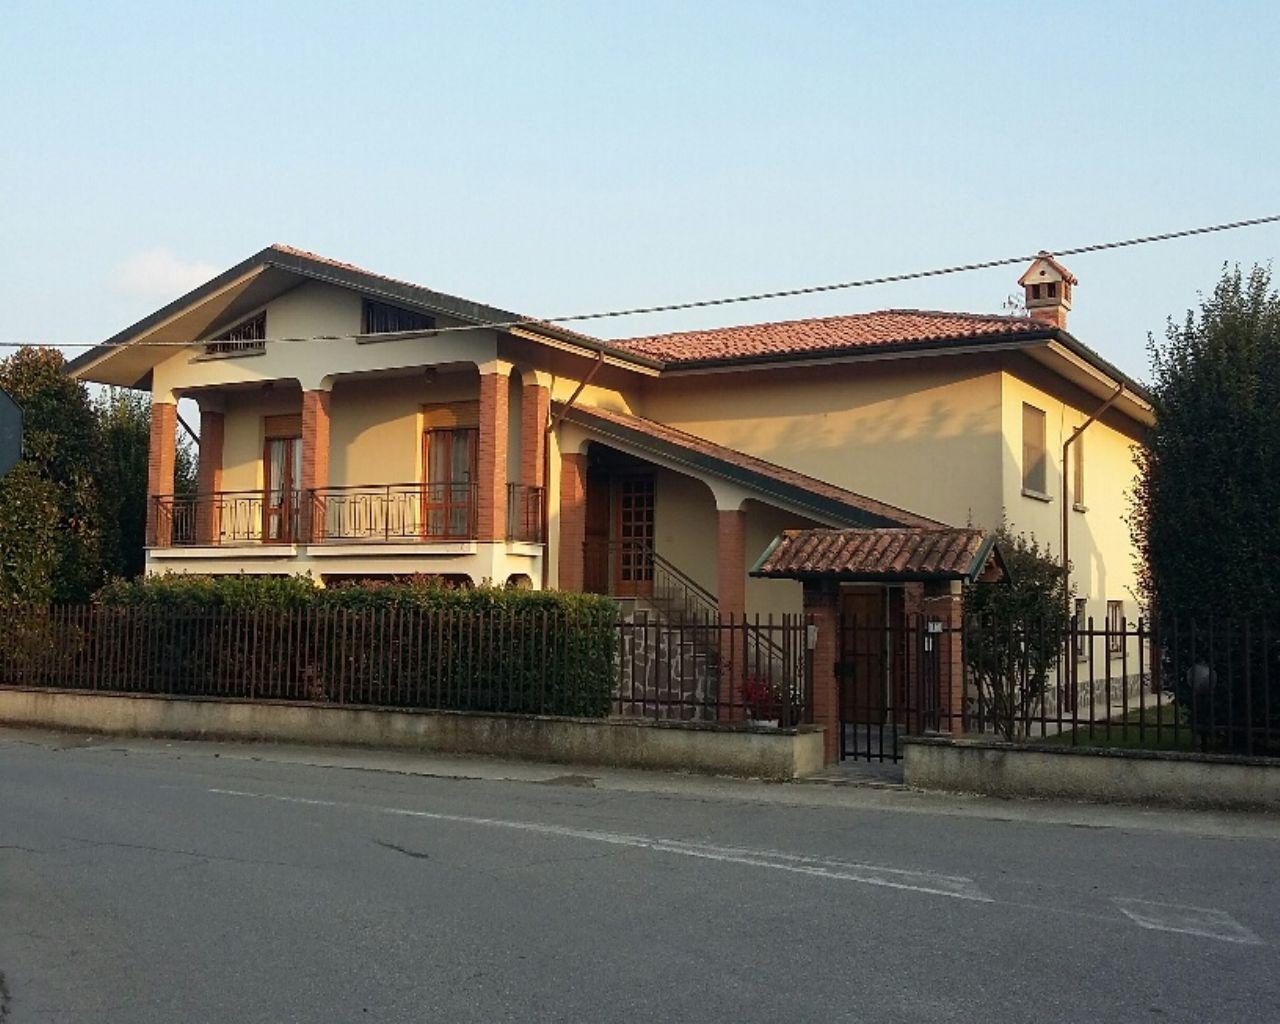 Villa in vendita a Chignolo Po, 5 locali, prezzo € 285.000 | CambioCasa.it